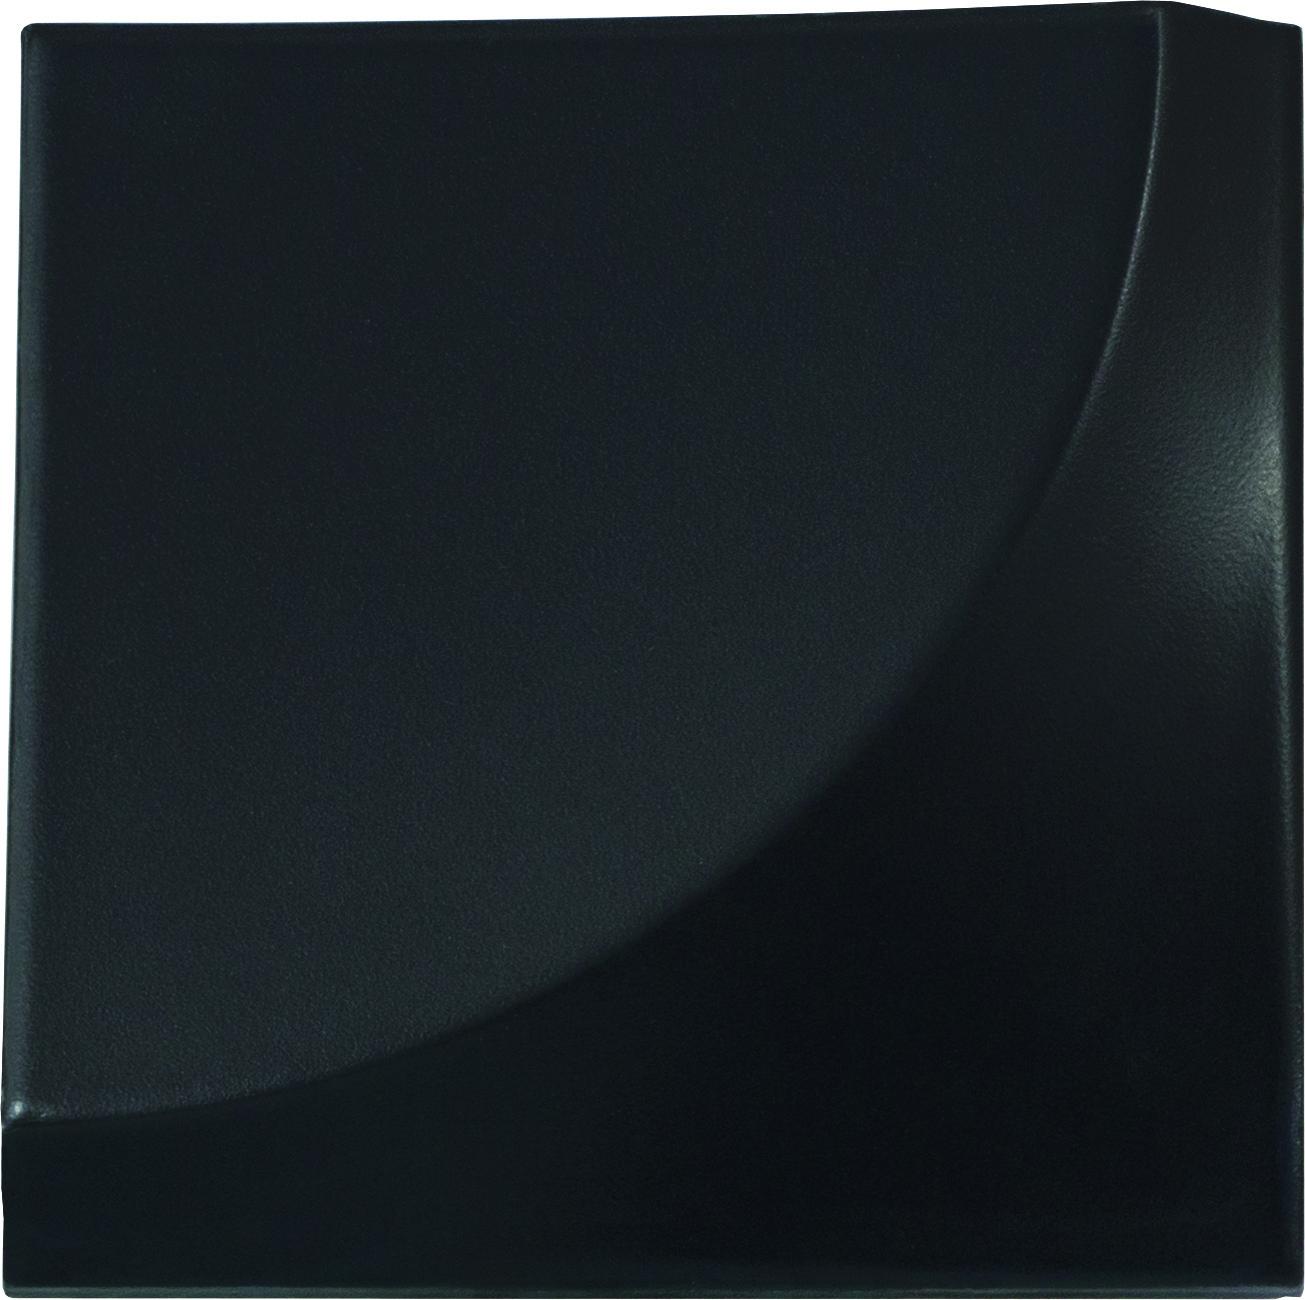 Curve Black Matt 15 x 15 cm